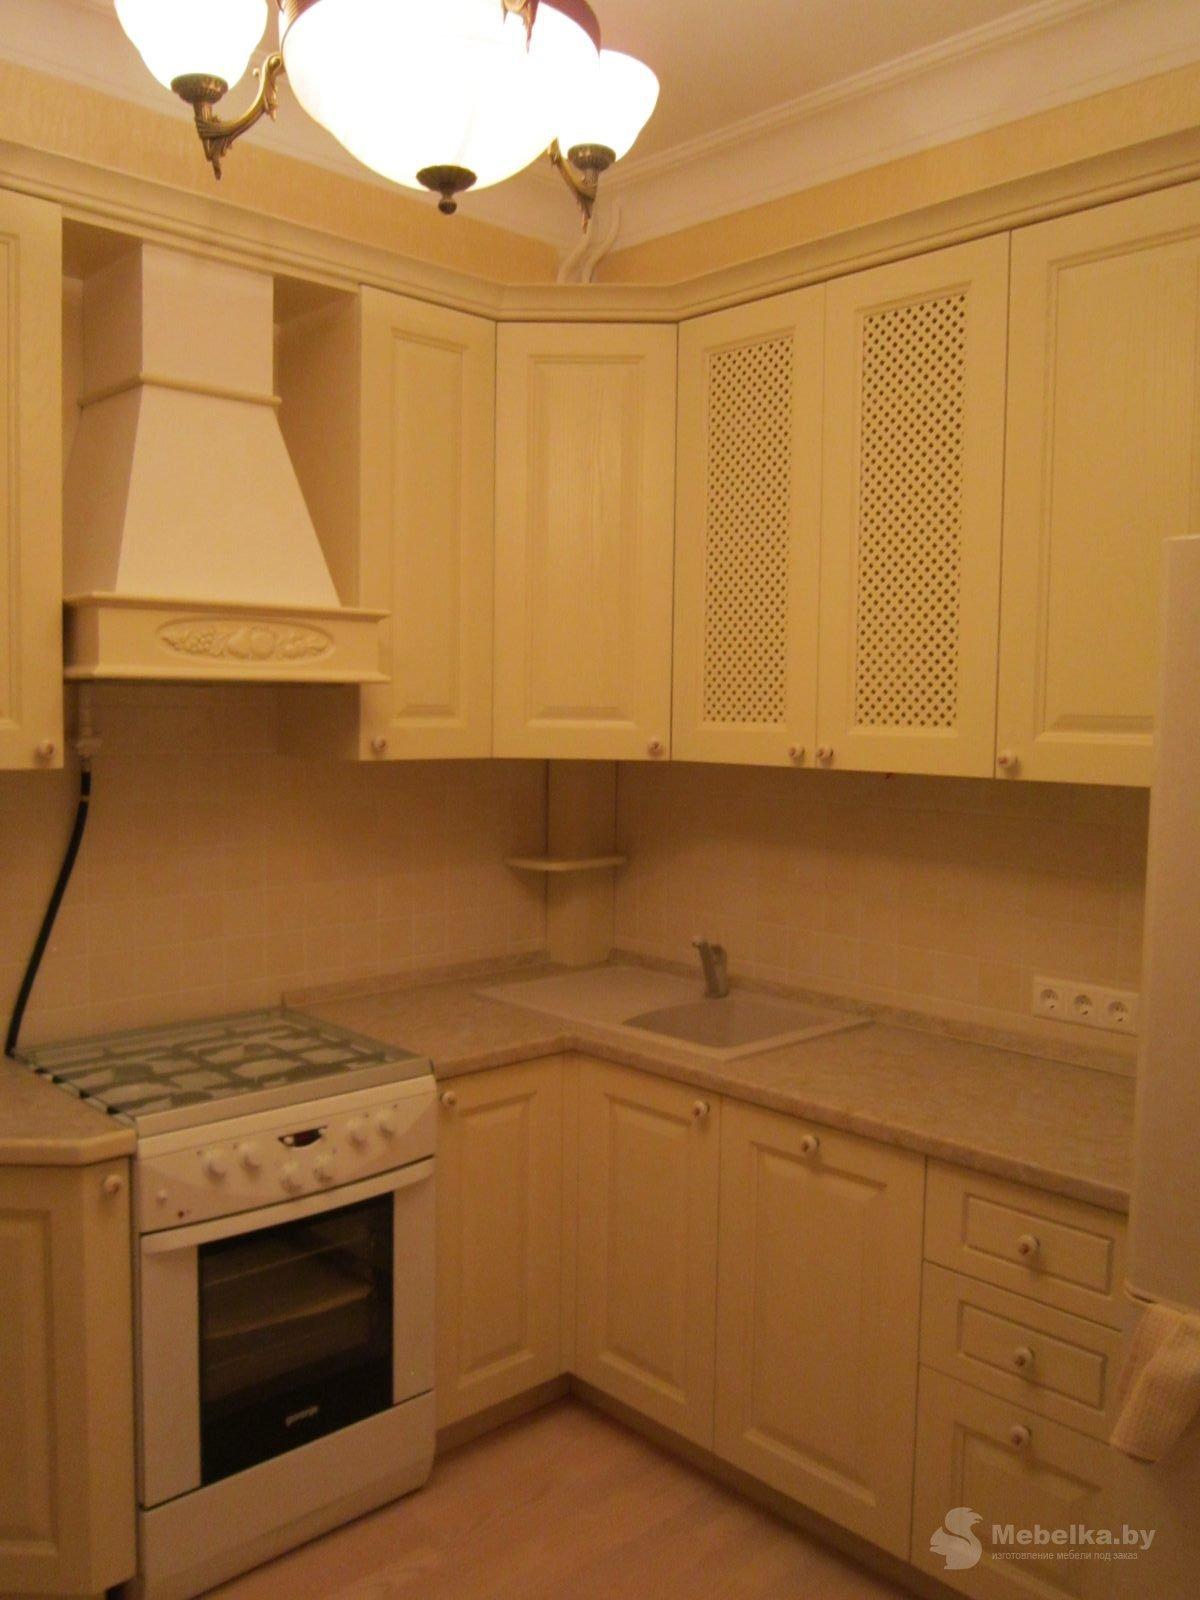 Классическая угловая кухня, третий вид